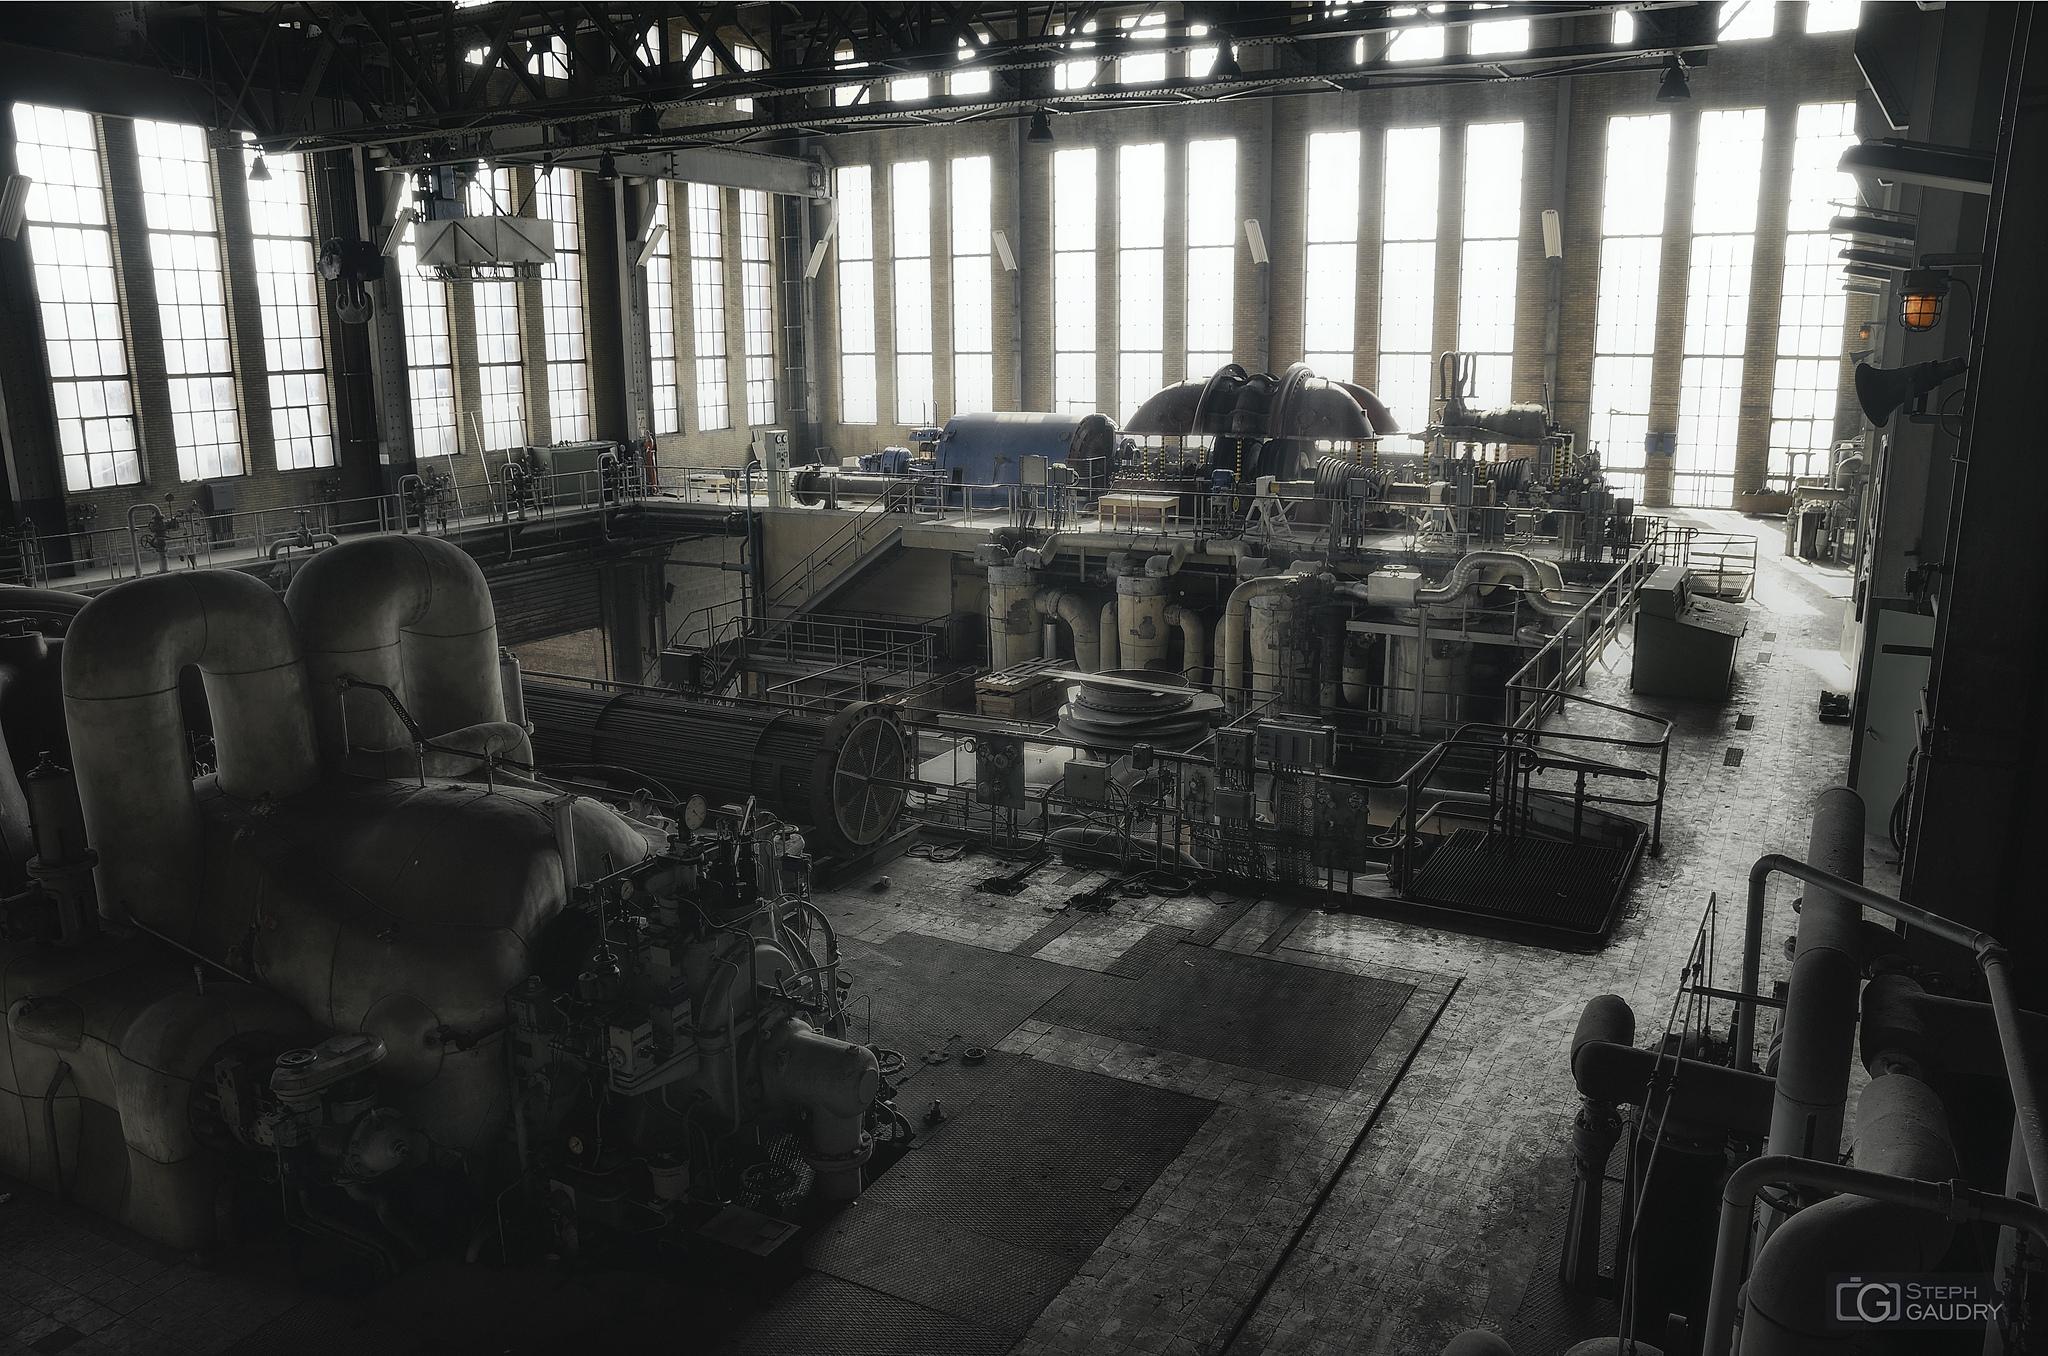 Turbine and generator rotor [Click to start slideshow]